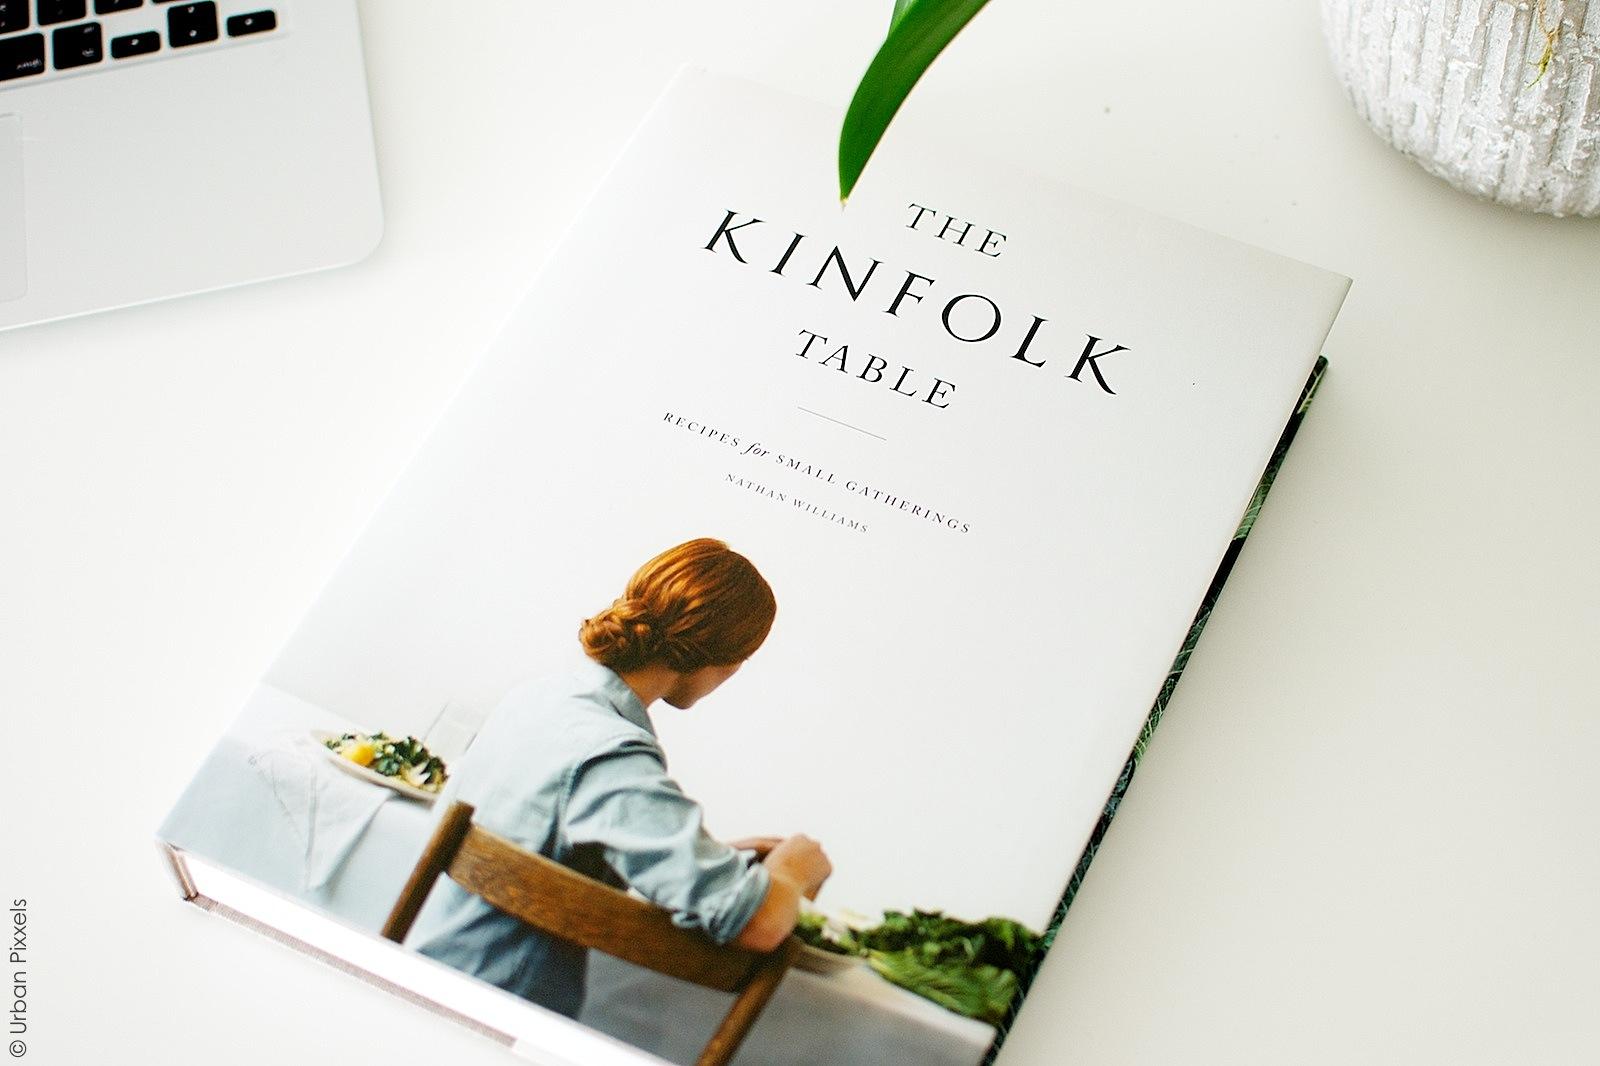 The Kinfolk Table Urban Pixxels